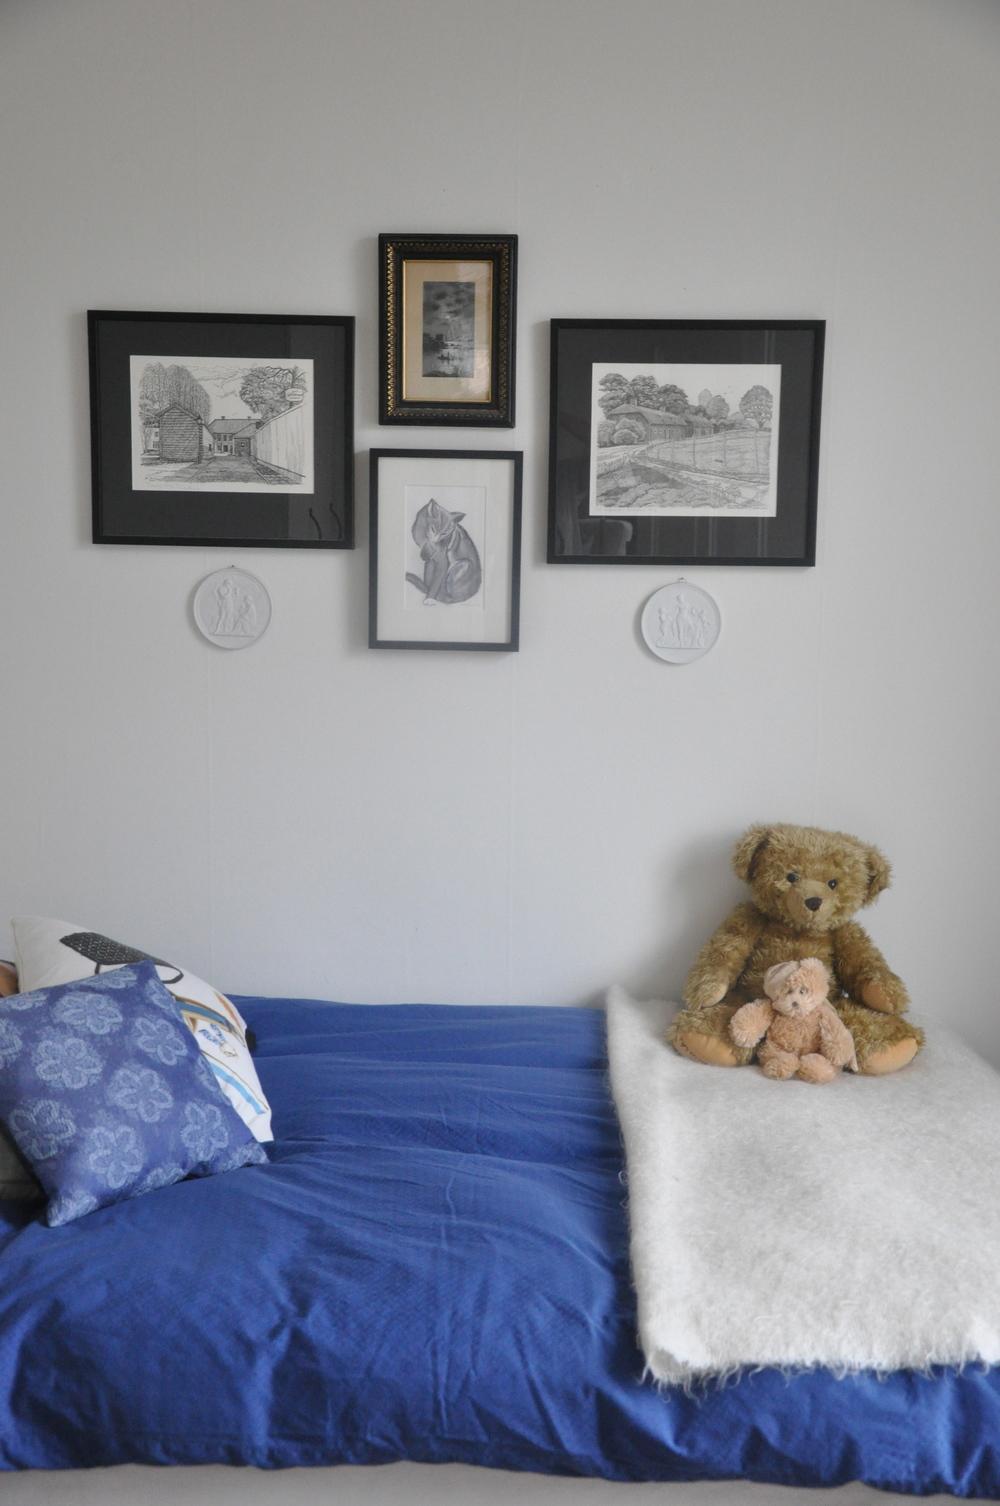 Sängen är bäddad i blått sänglinne, filt från Himla och nallar från Bukowskis Design   Foto:  Palatsliv